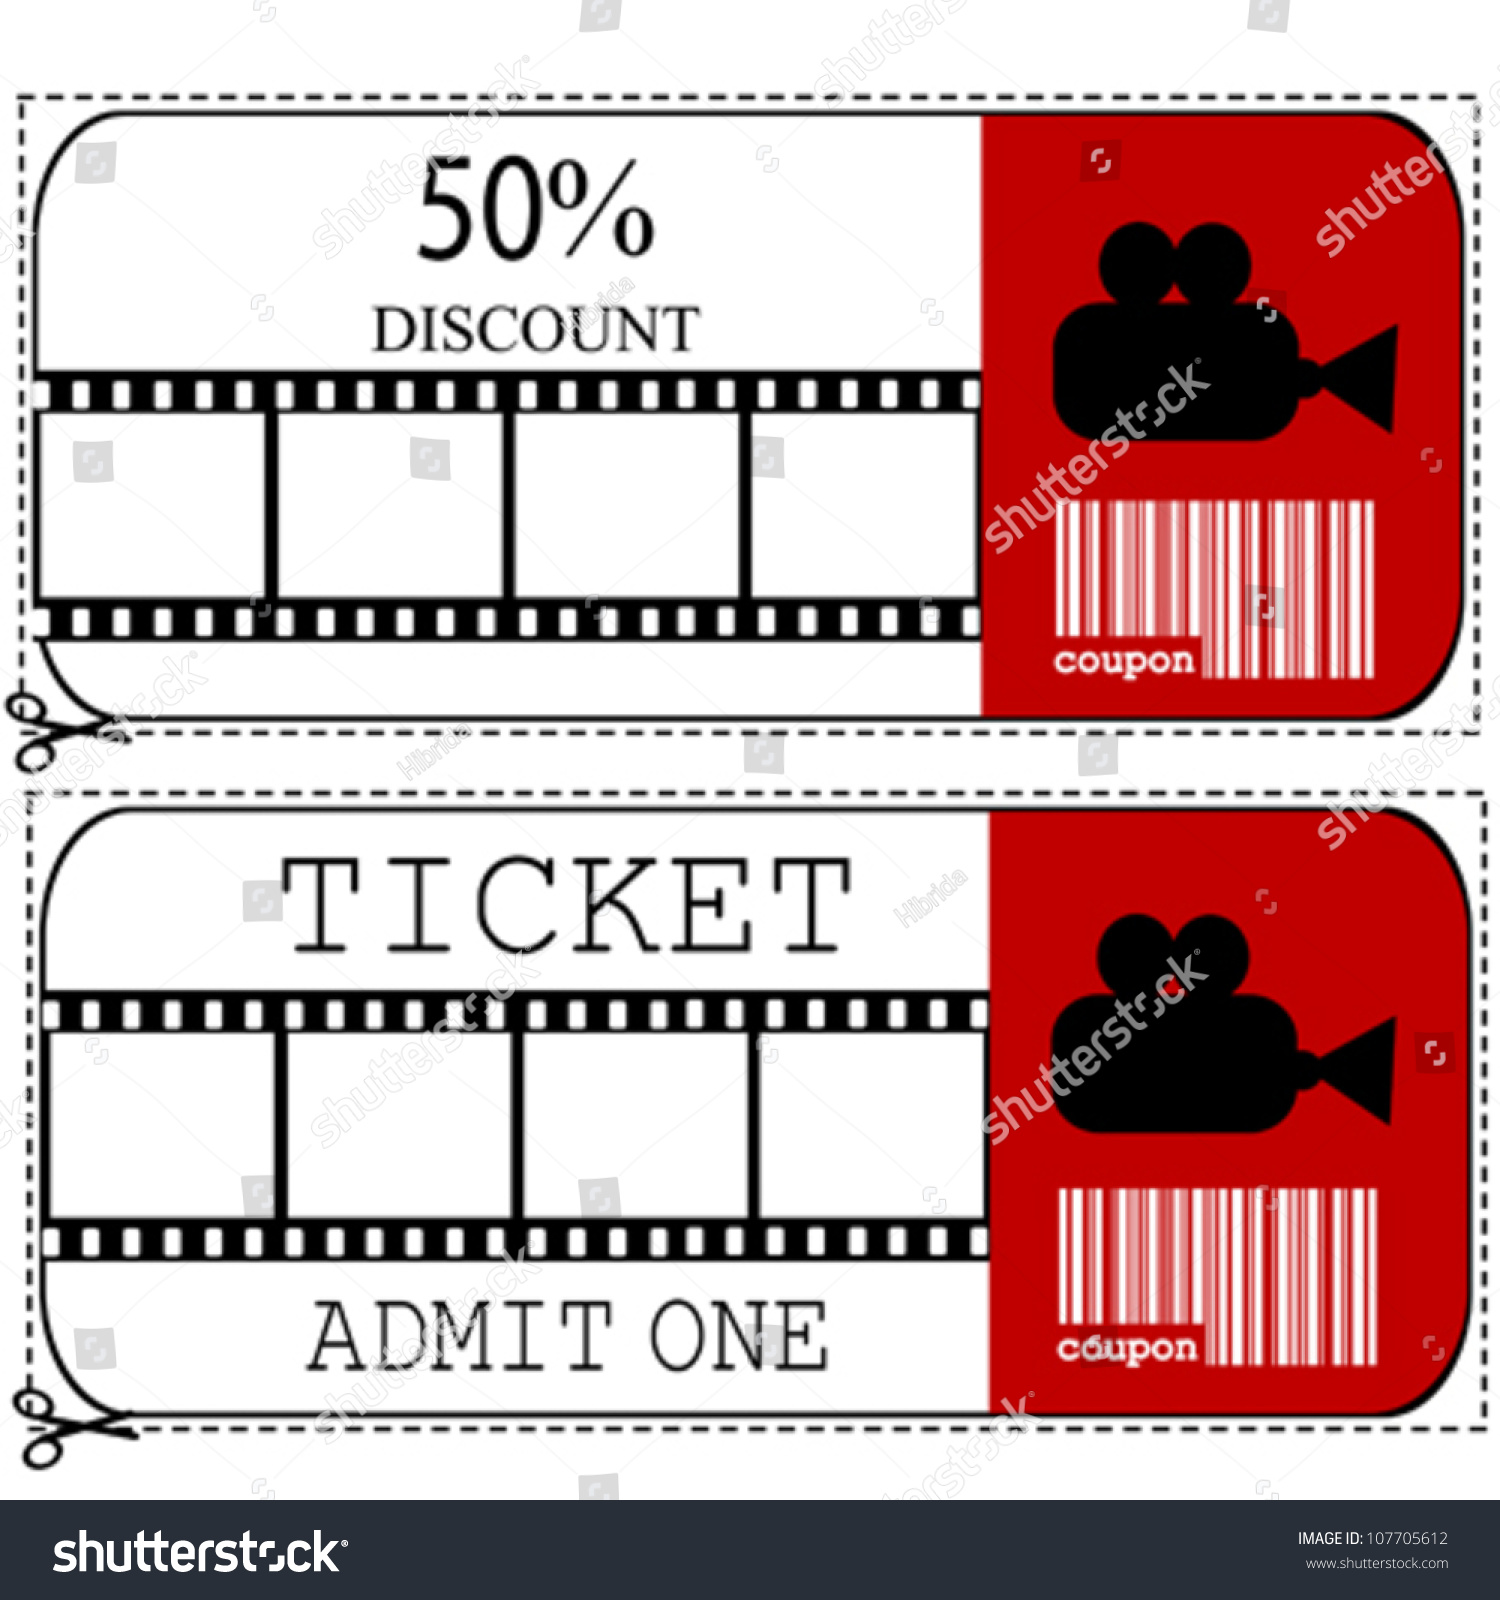 Großzügig Druckbare Film Ticket Vorlage Ideen - Entry Level Resume ...